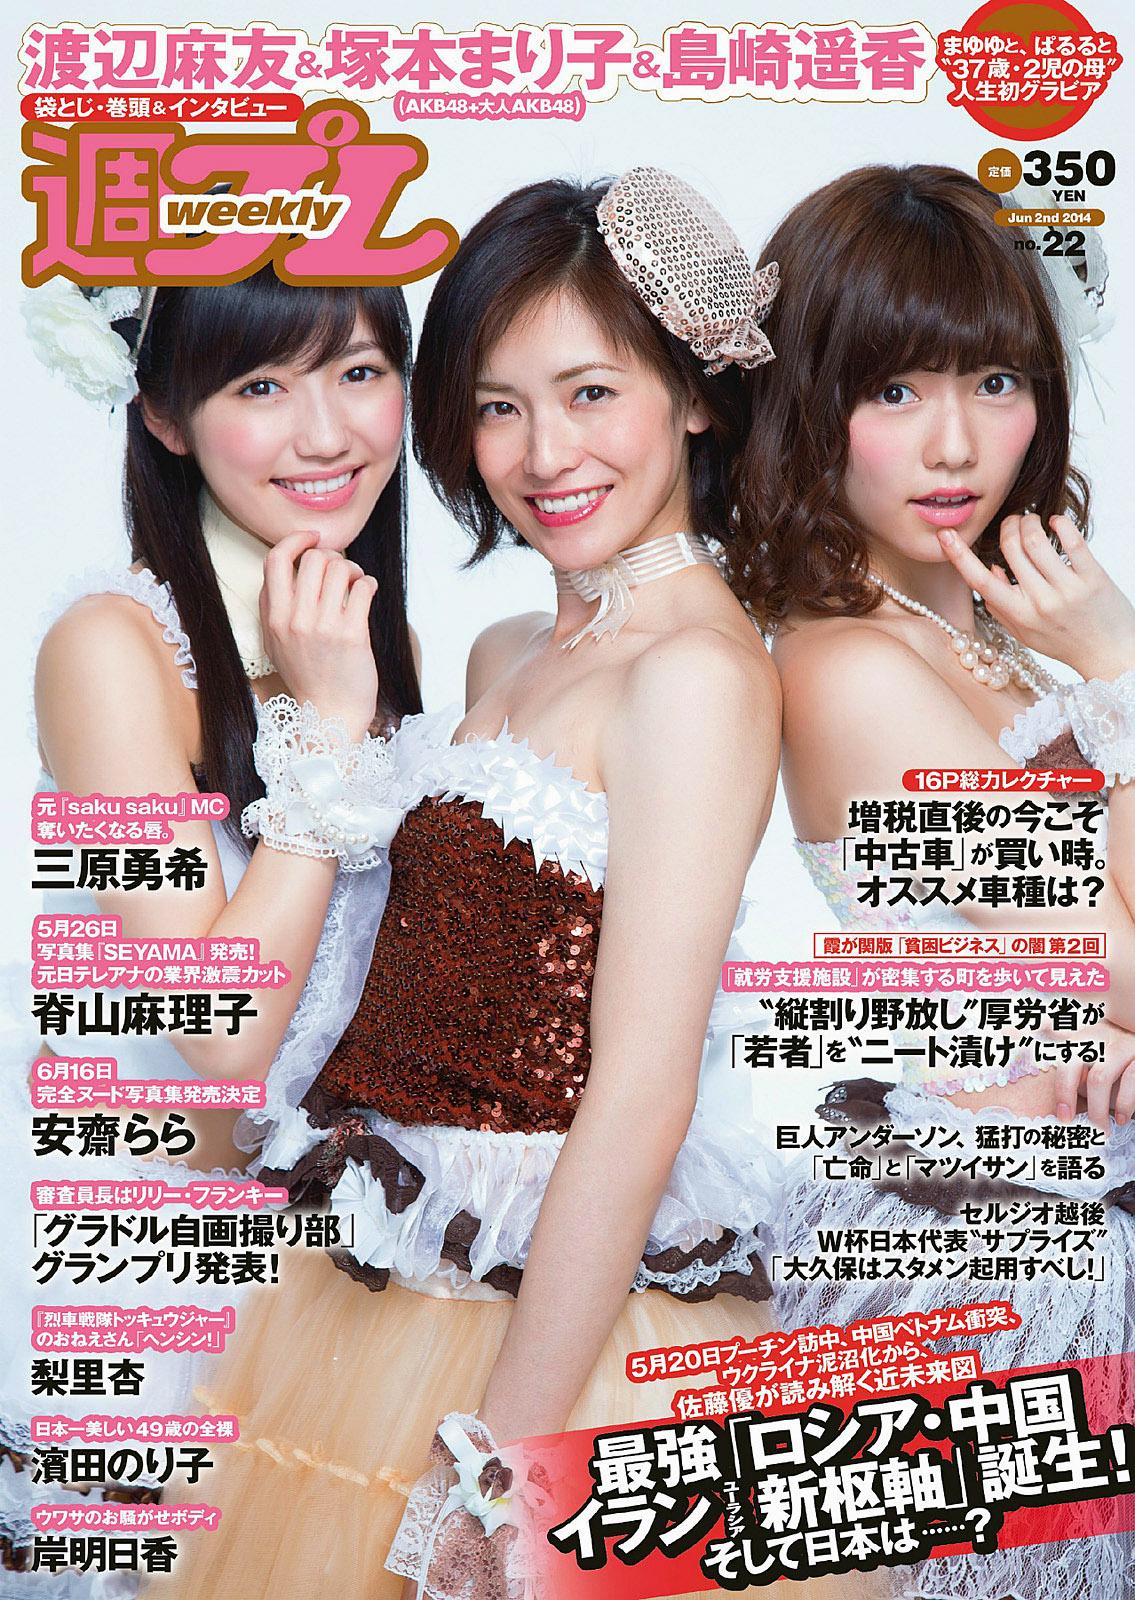 MWatanabe HShimazaki WPB 140602 01.jpg